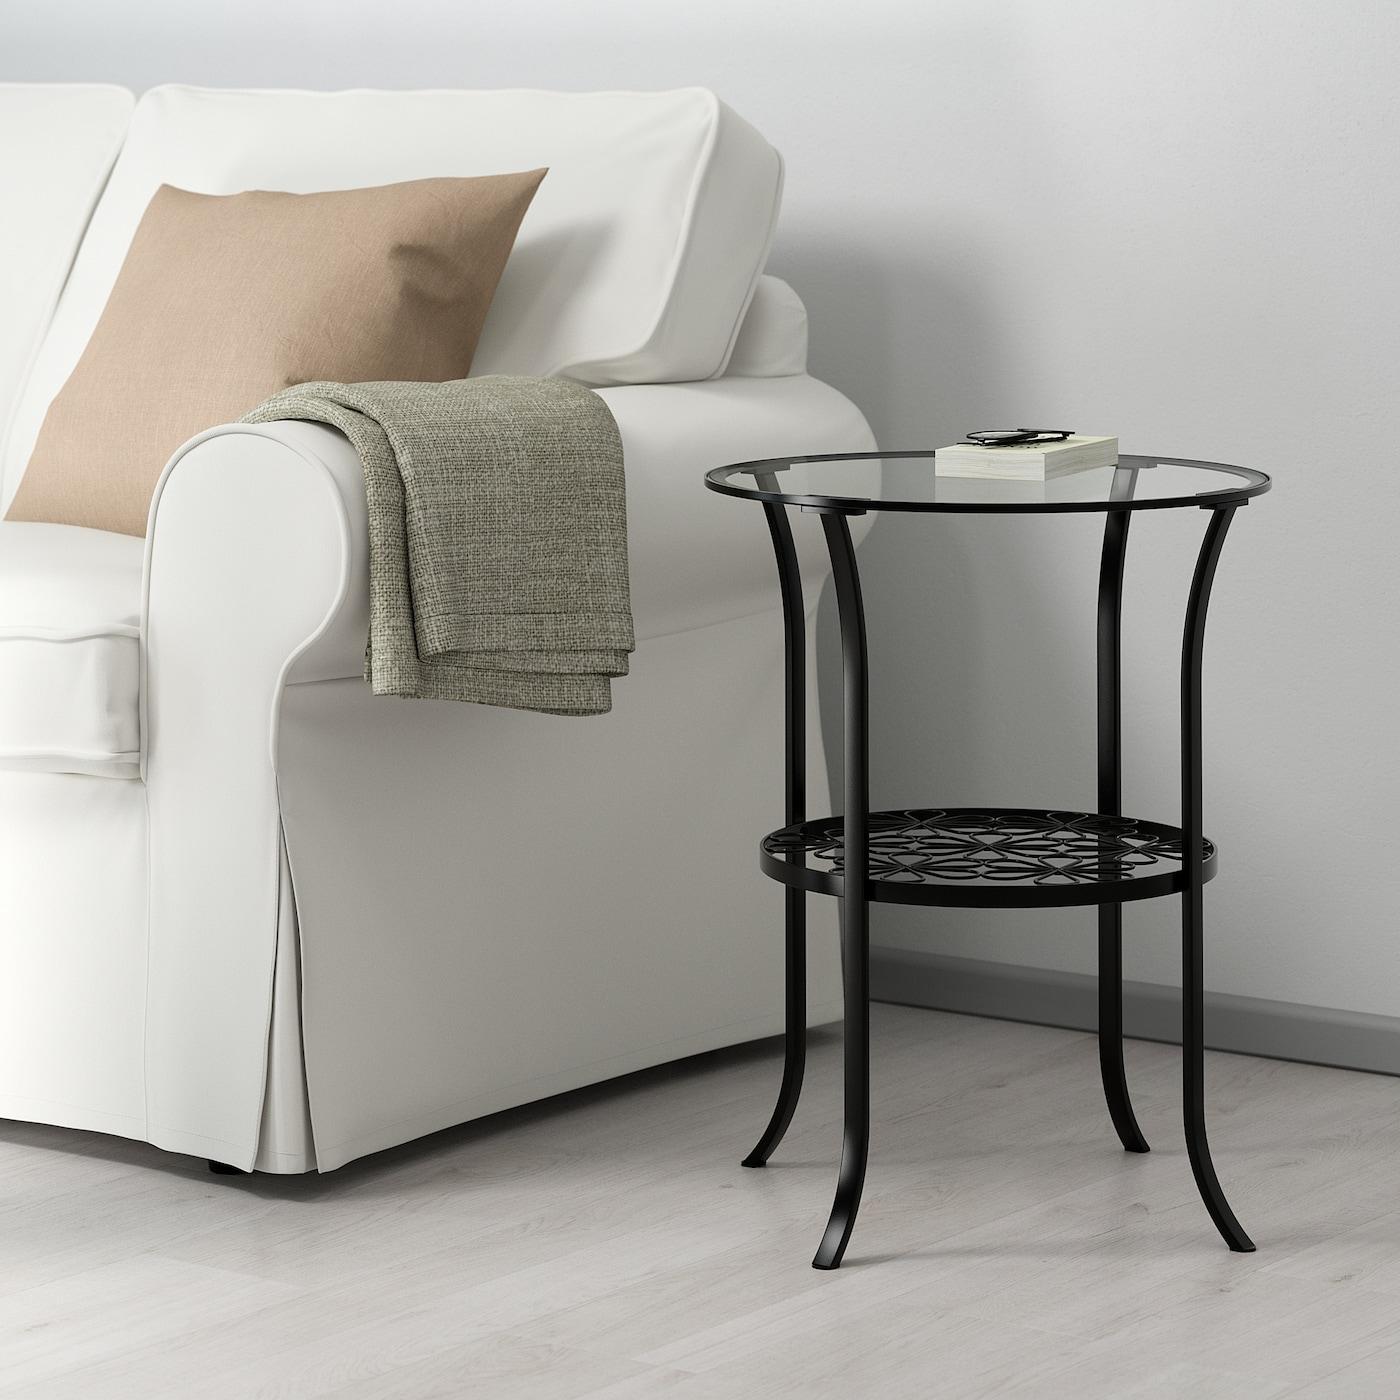 Tavolino Che Diventa Tavolo Ikea klingsbo tavolino - nero, vetro trasparente 49x62 cm